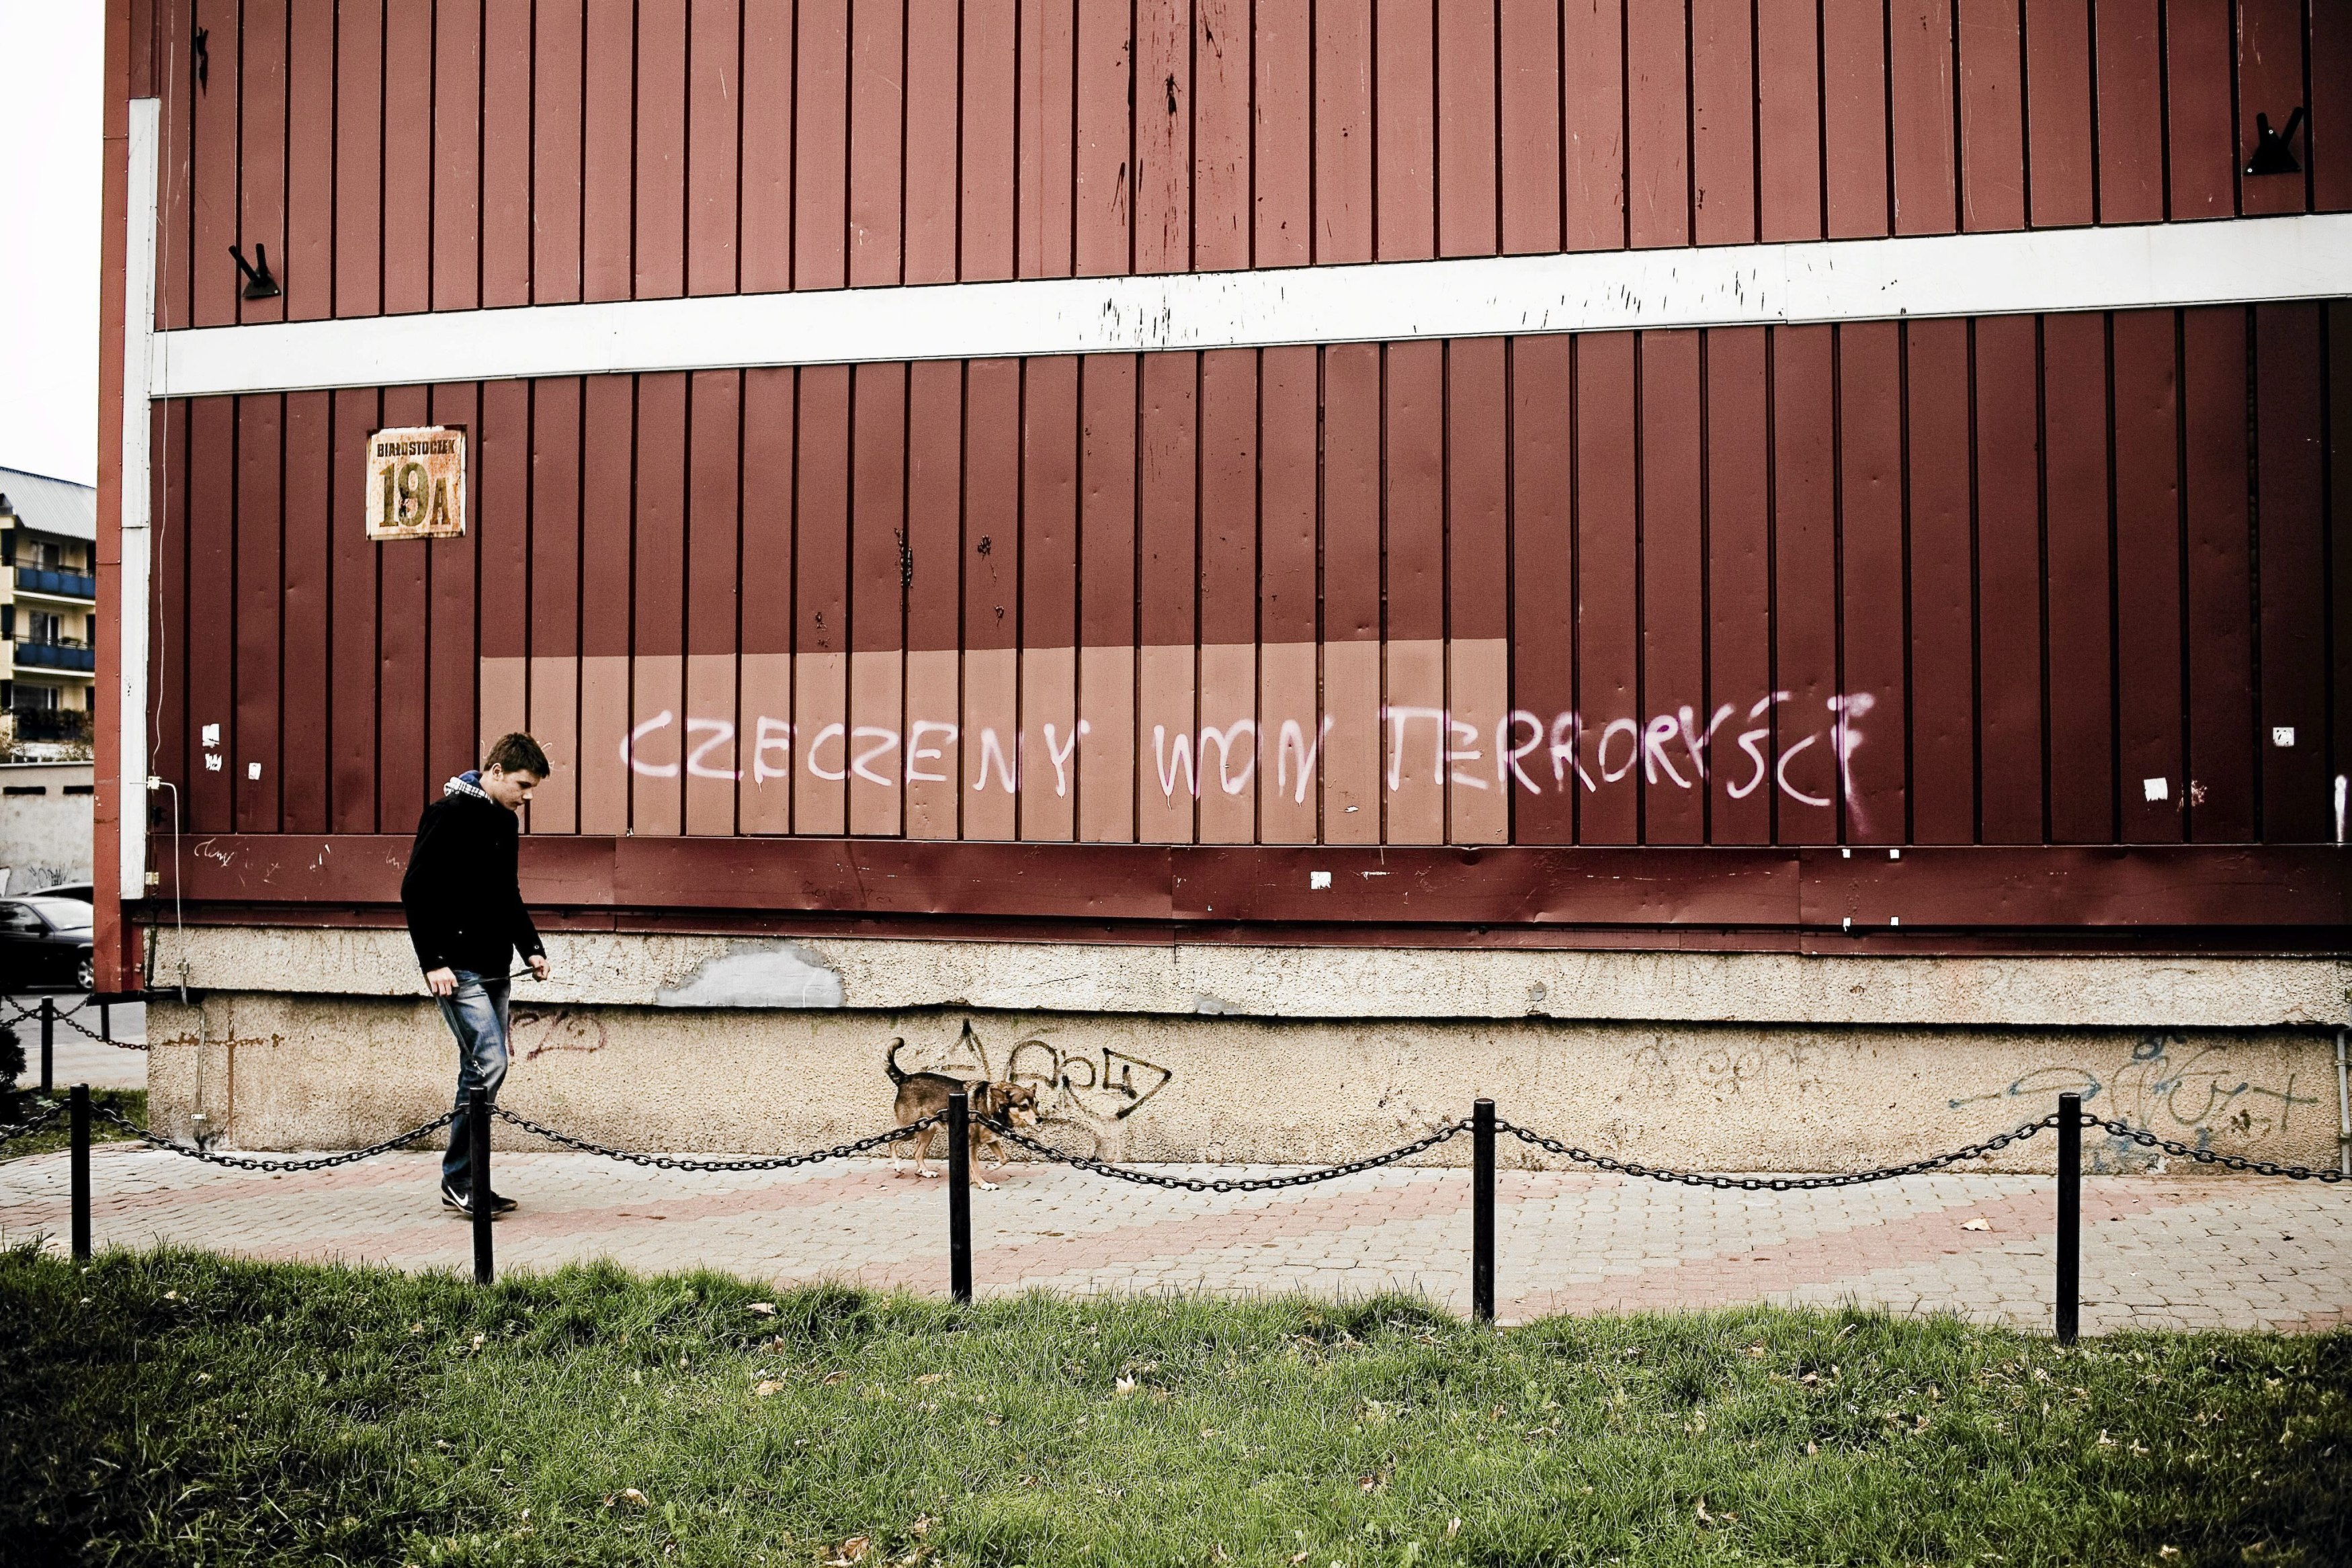 Napis na jednym z bloków w Białymstoku (fot. Marcin Onufryjuk)